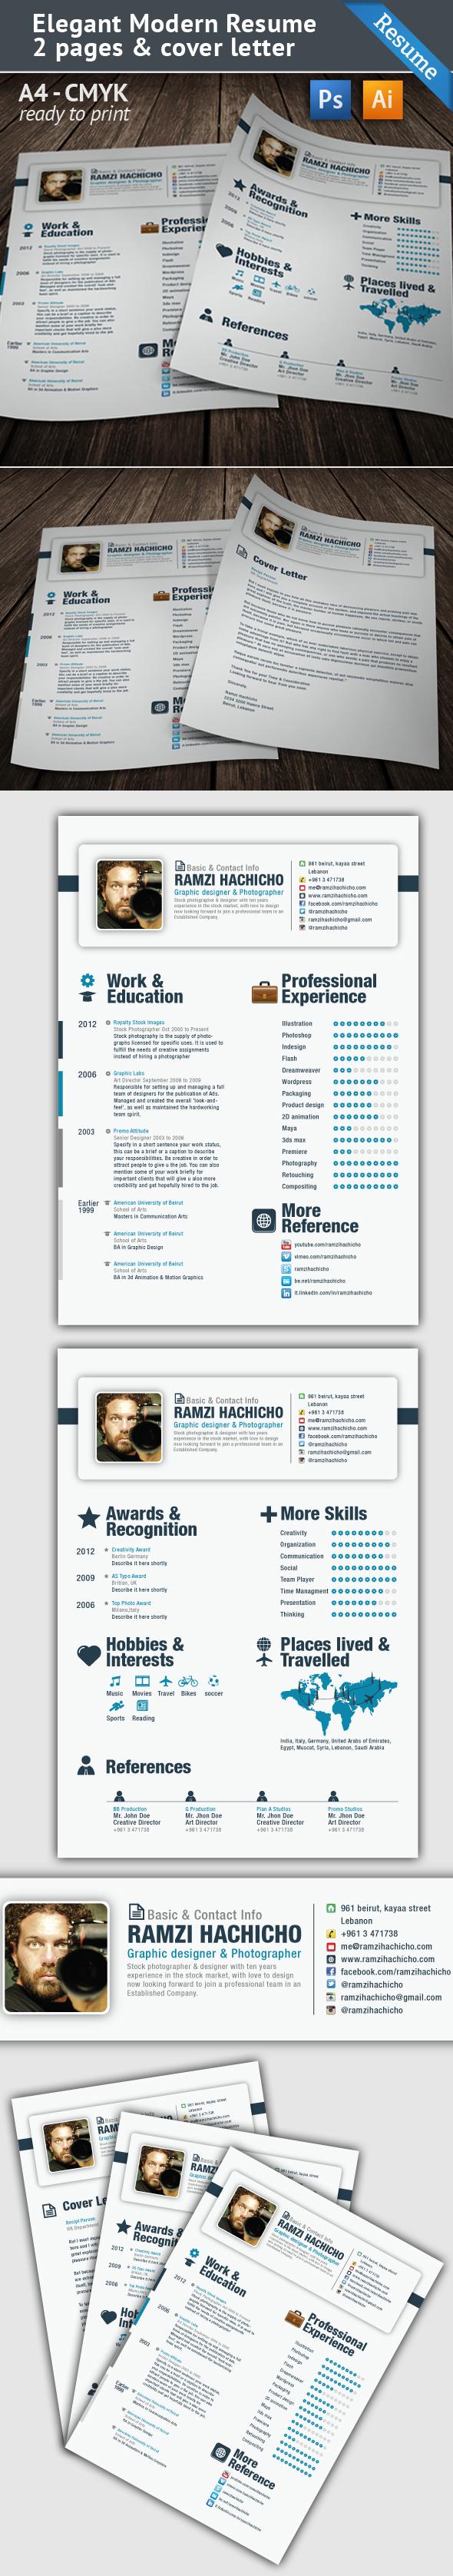 elegant modern resume on behance